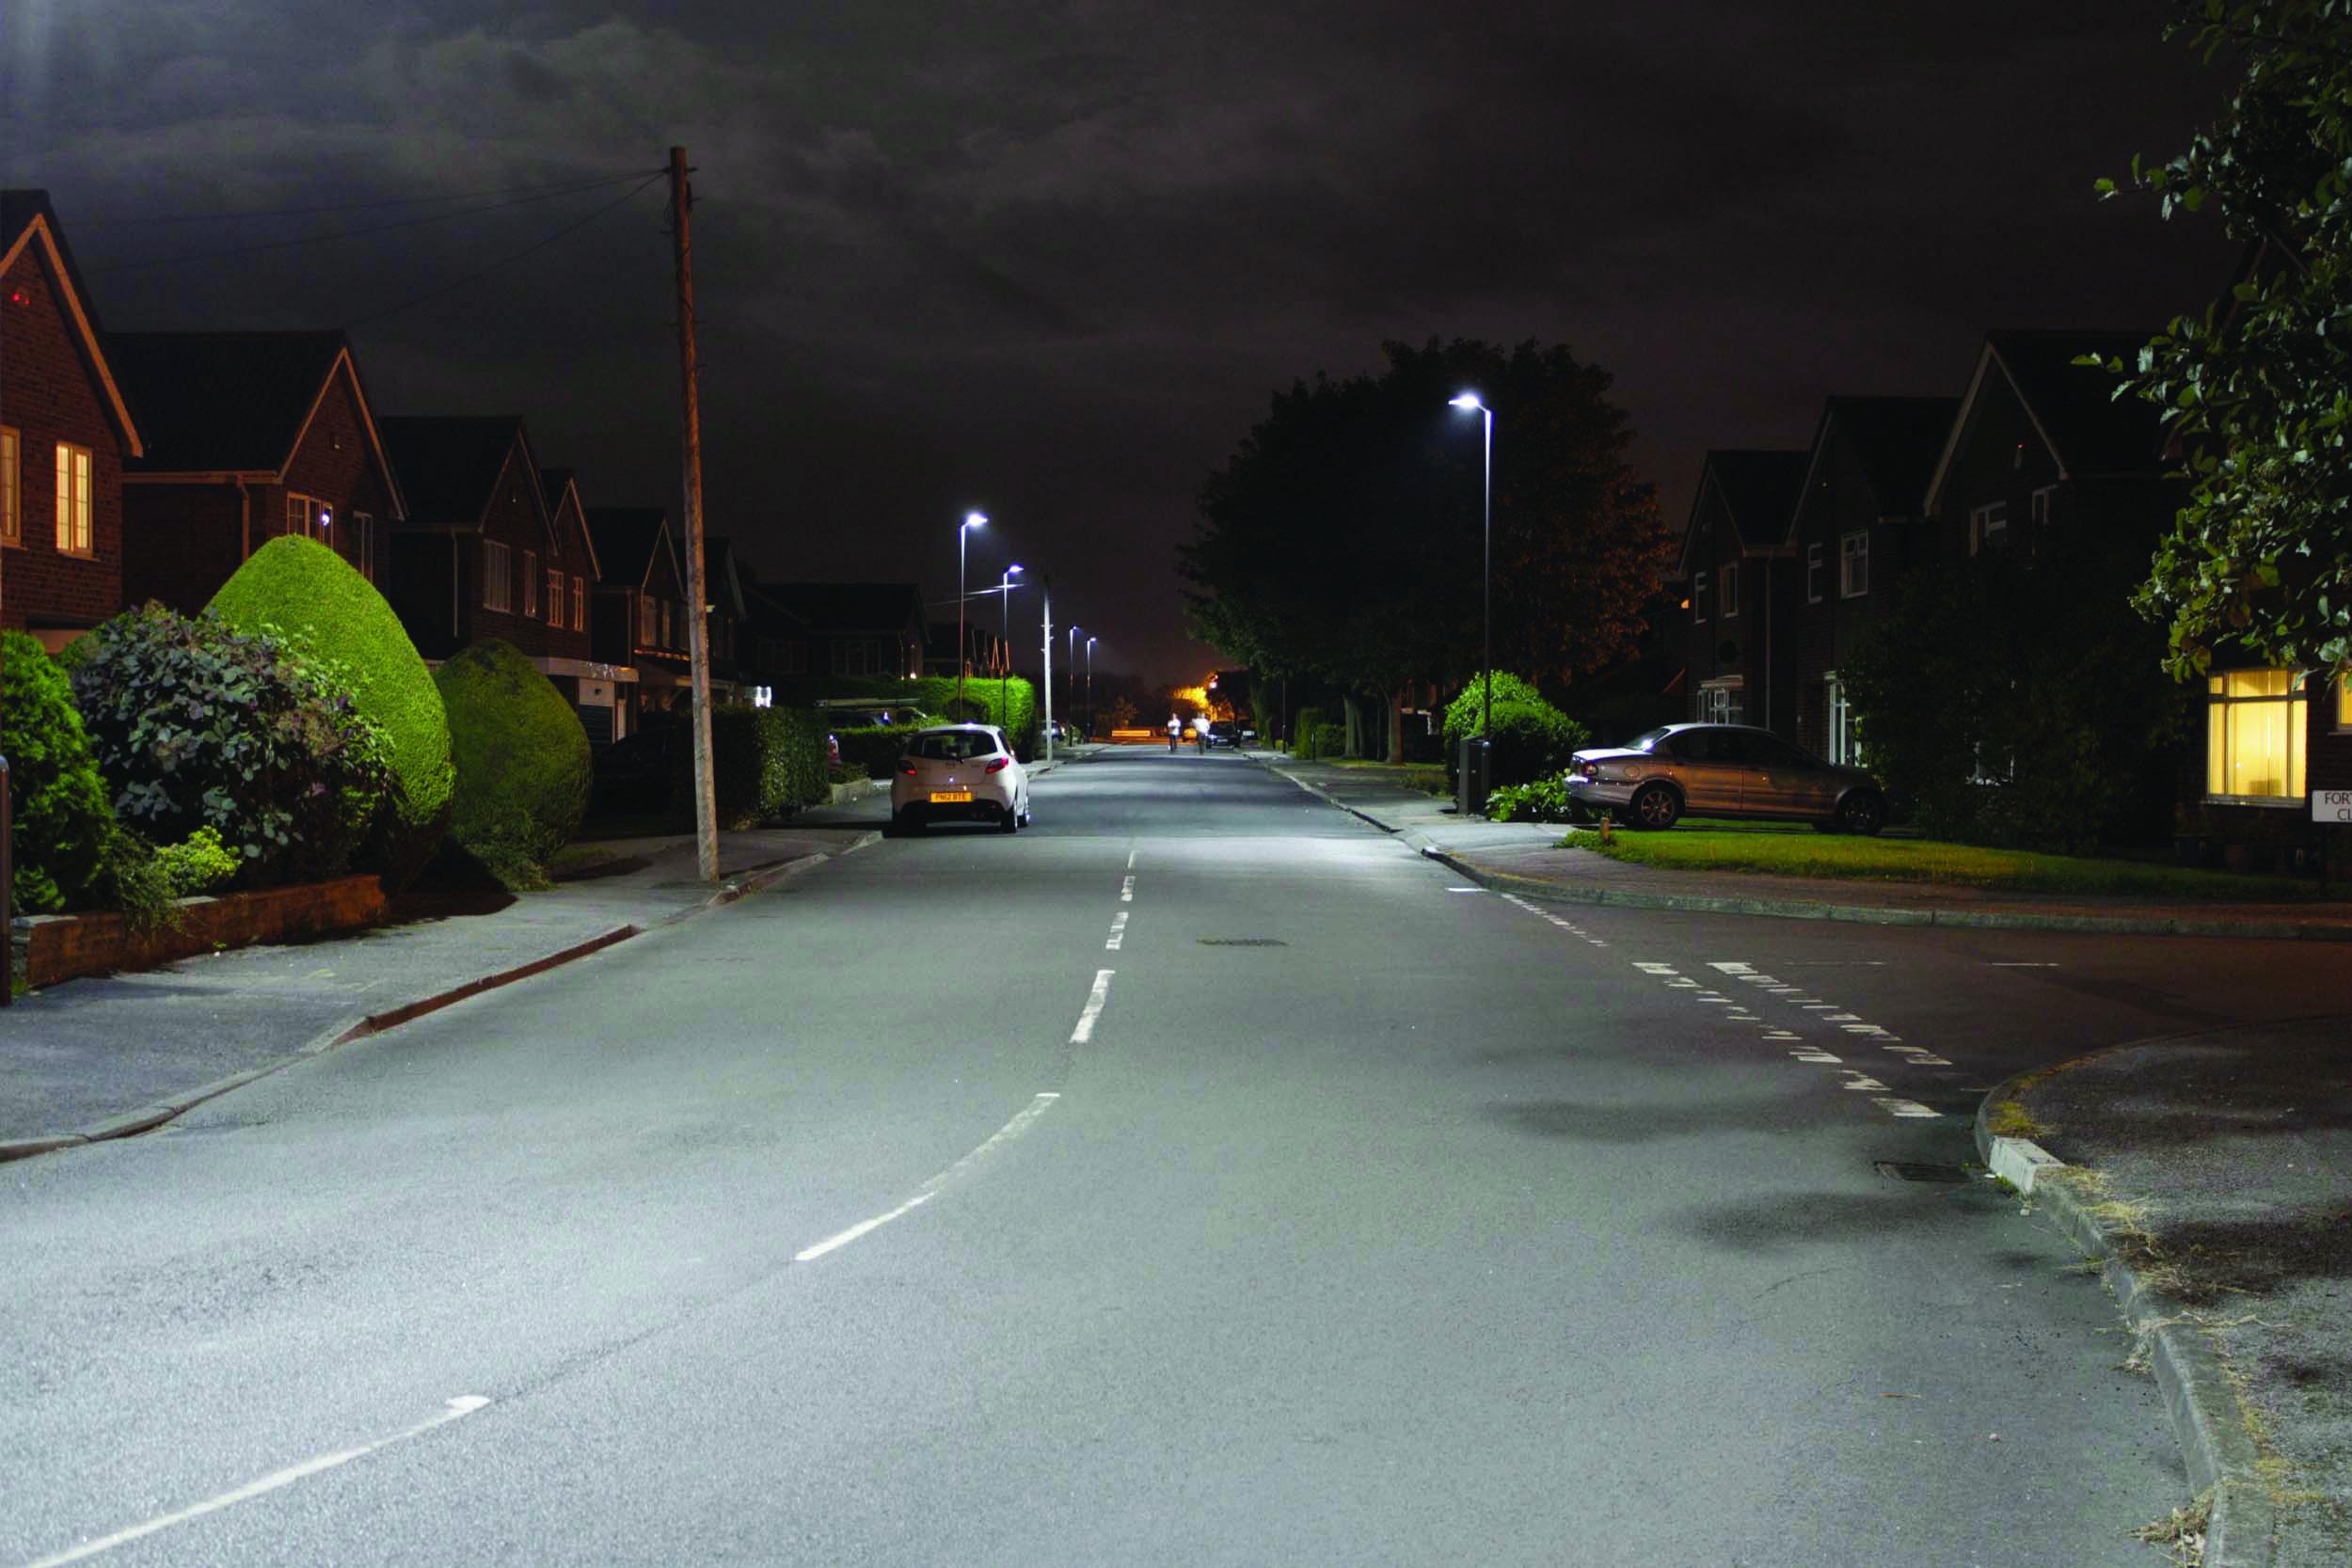 P41 - Street lighting update - BEFORE